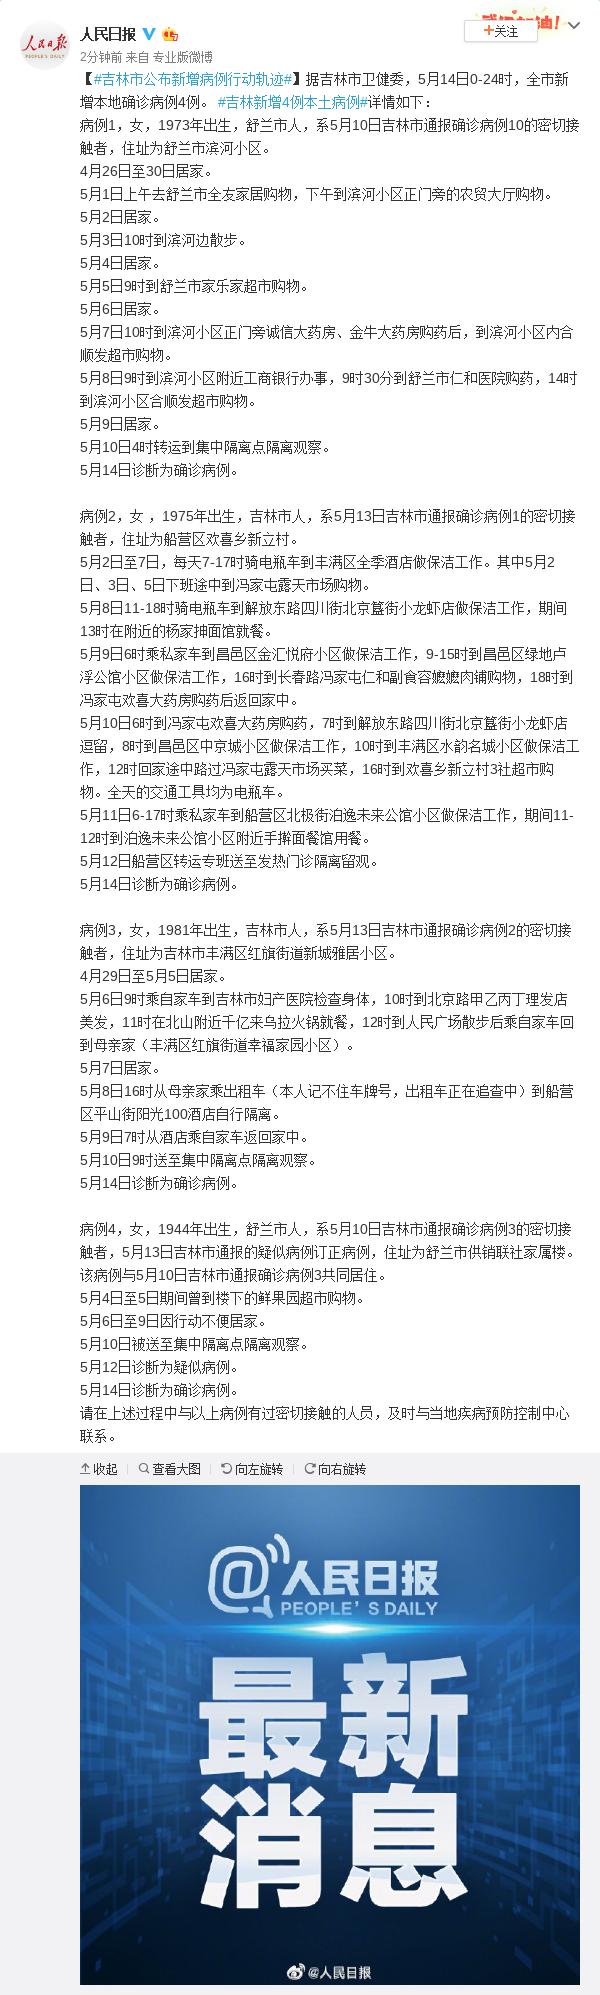 [天富]吉林市天富公布新增病例行动轨迹图片